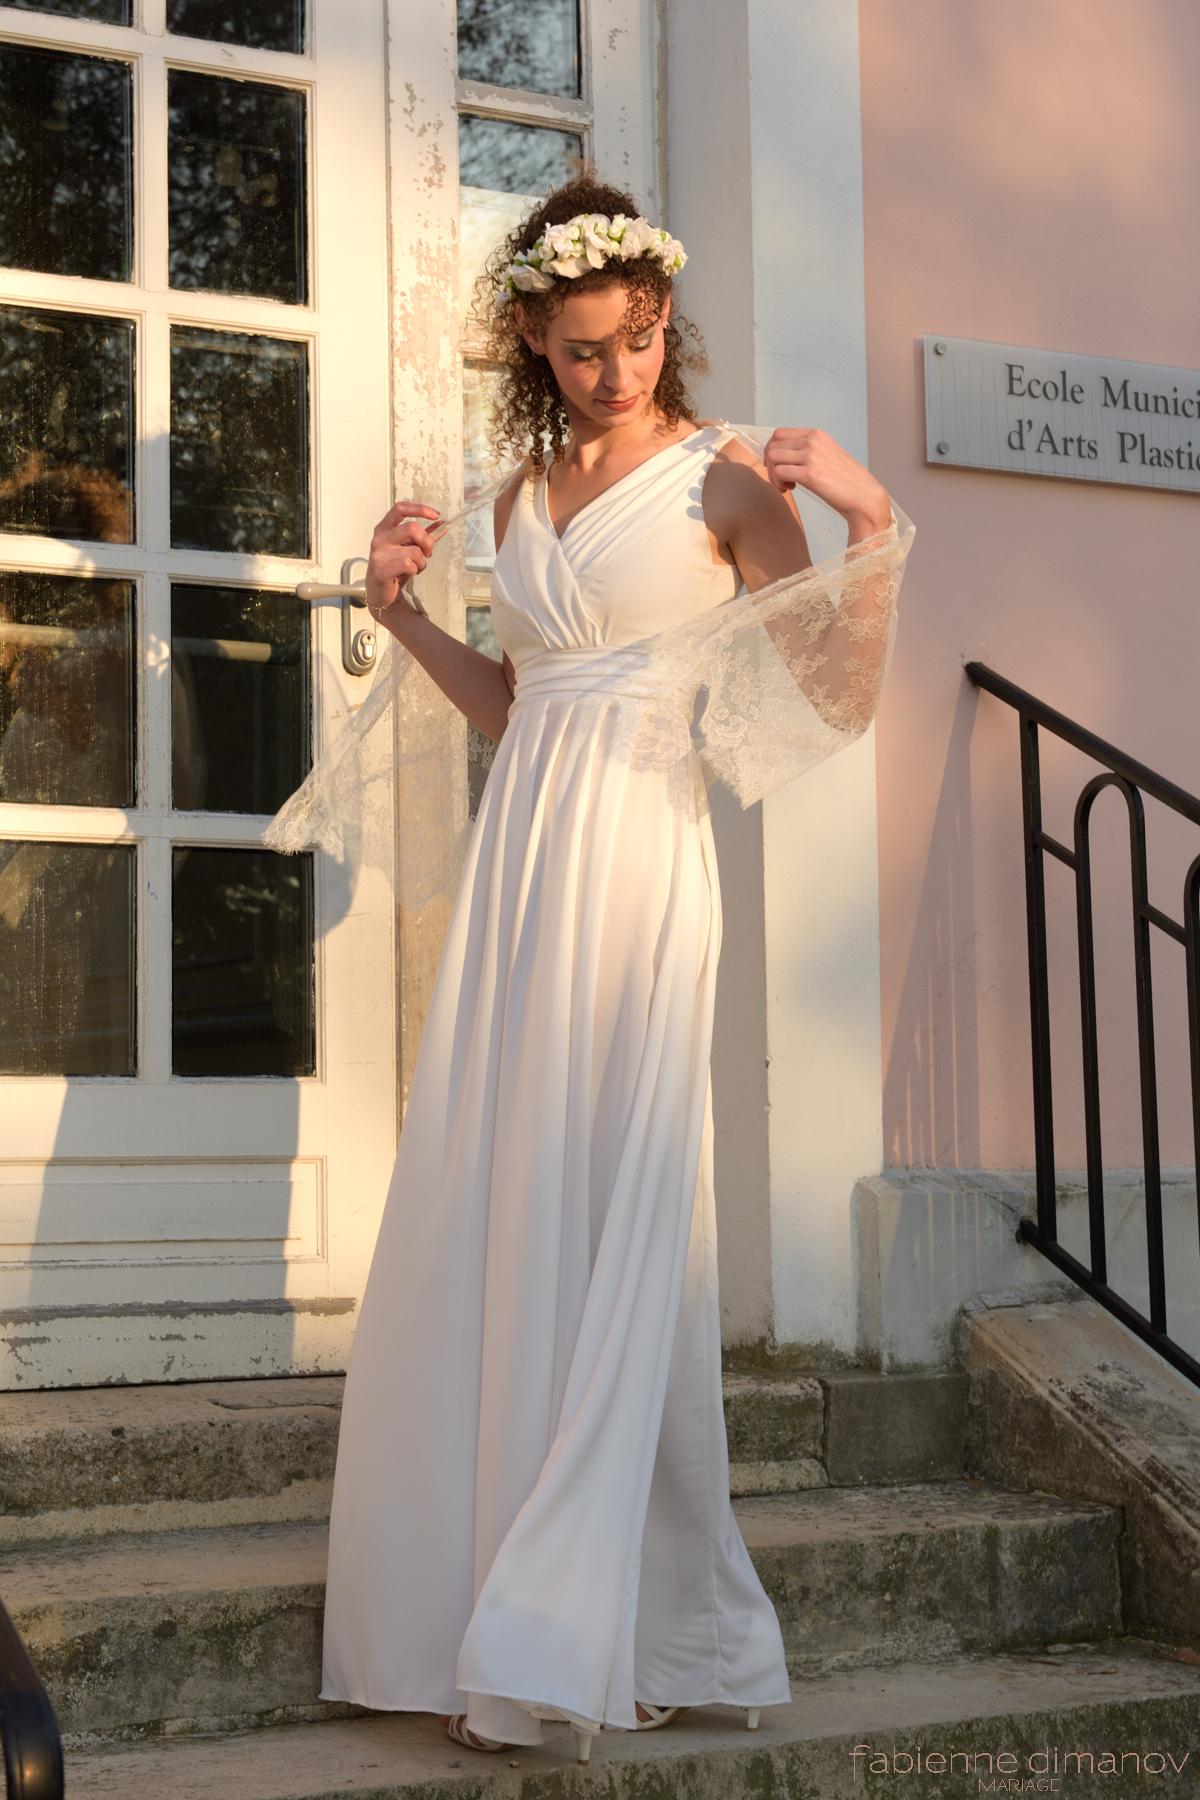 VESTALE - robe de mariée antique - Fabienne Dimanov Paris